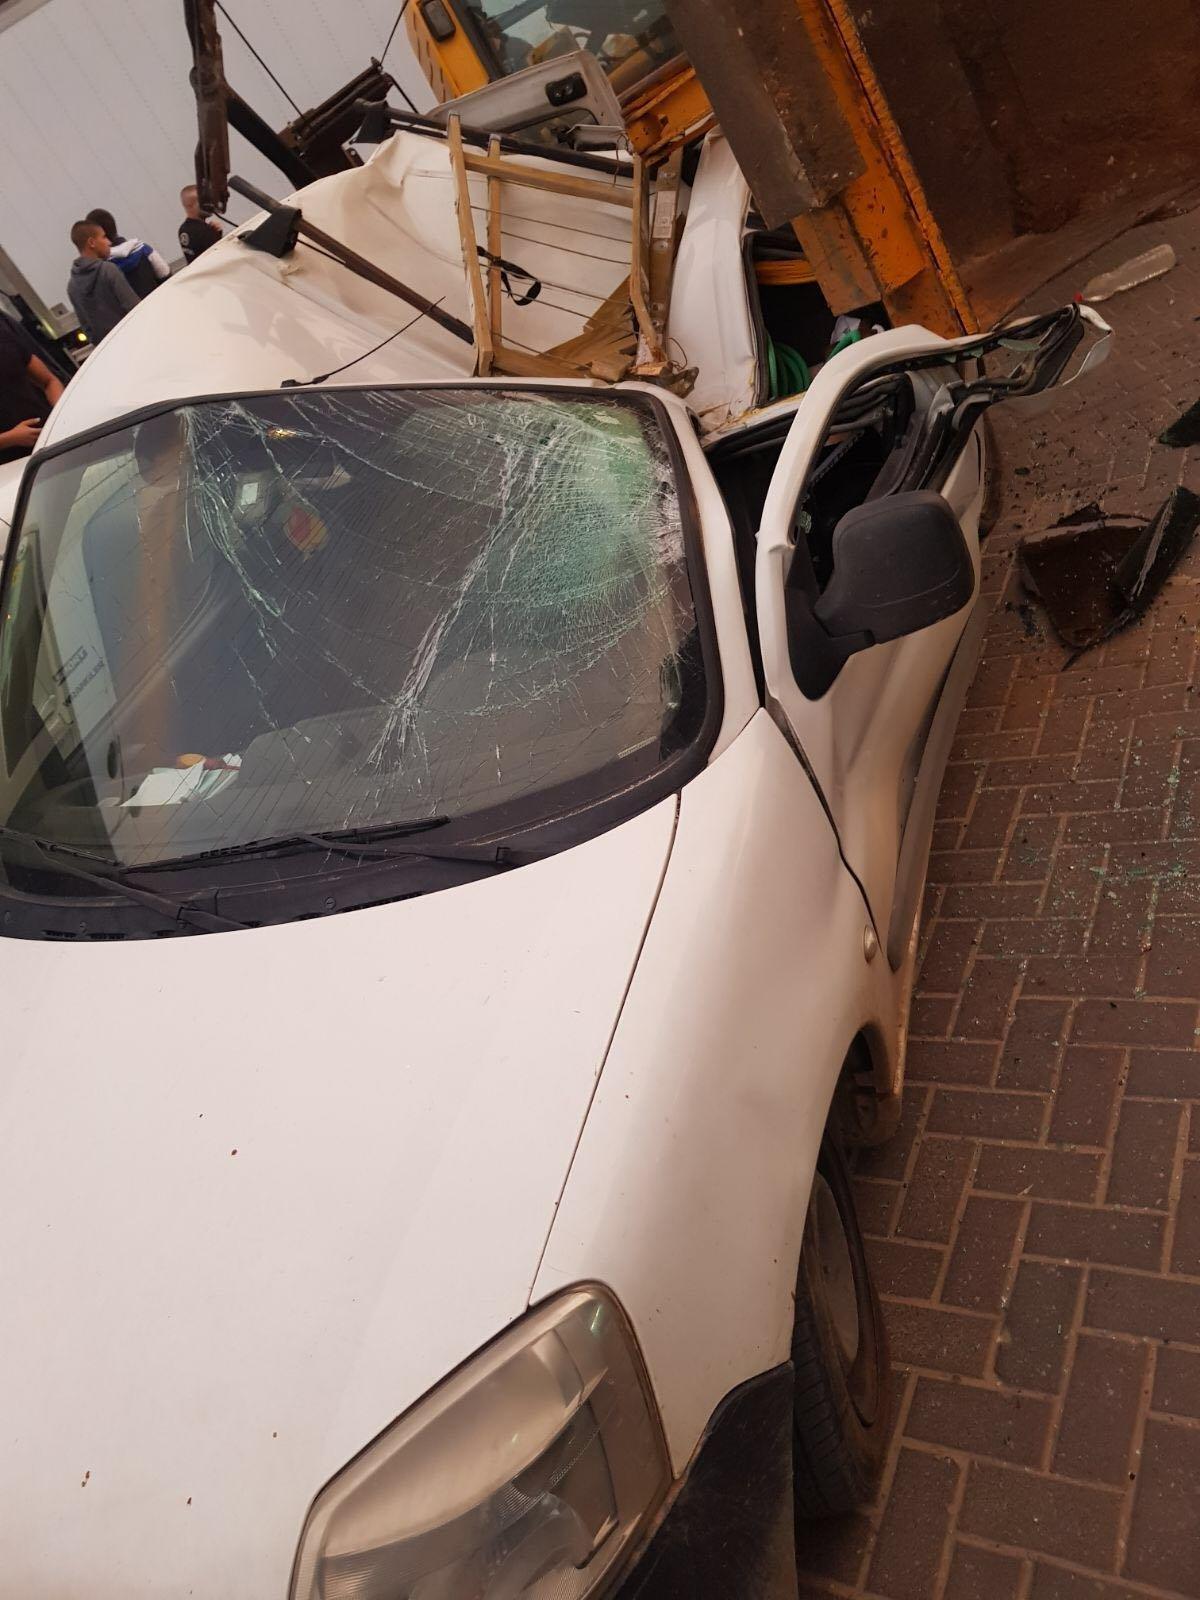 الطيرة: انقلاب تراكتور على سيارة دون تسجيل اصابات-1